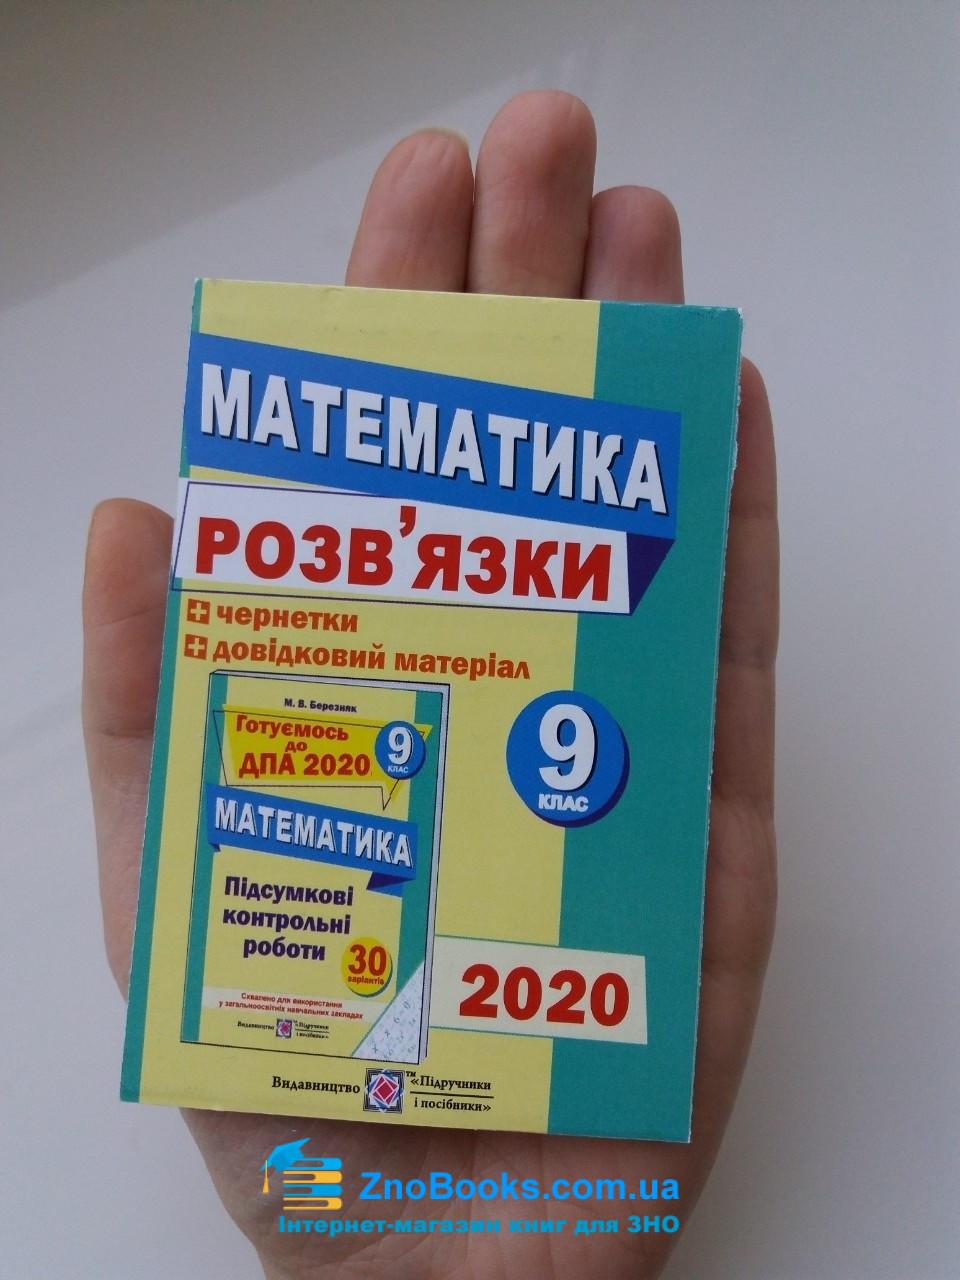 ШПАРГАЛКА. Відповіді до збірника для ДПА 2020 з математики 9 клас : Березняк М. Підручники і посібники. Купити 0